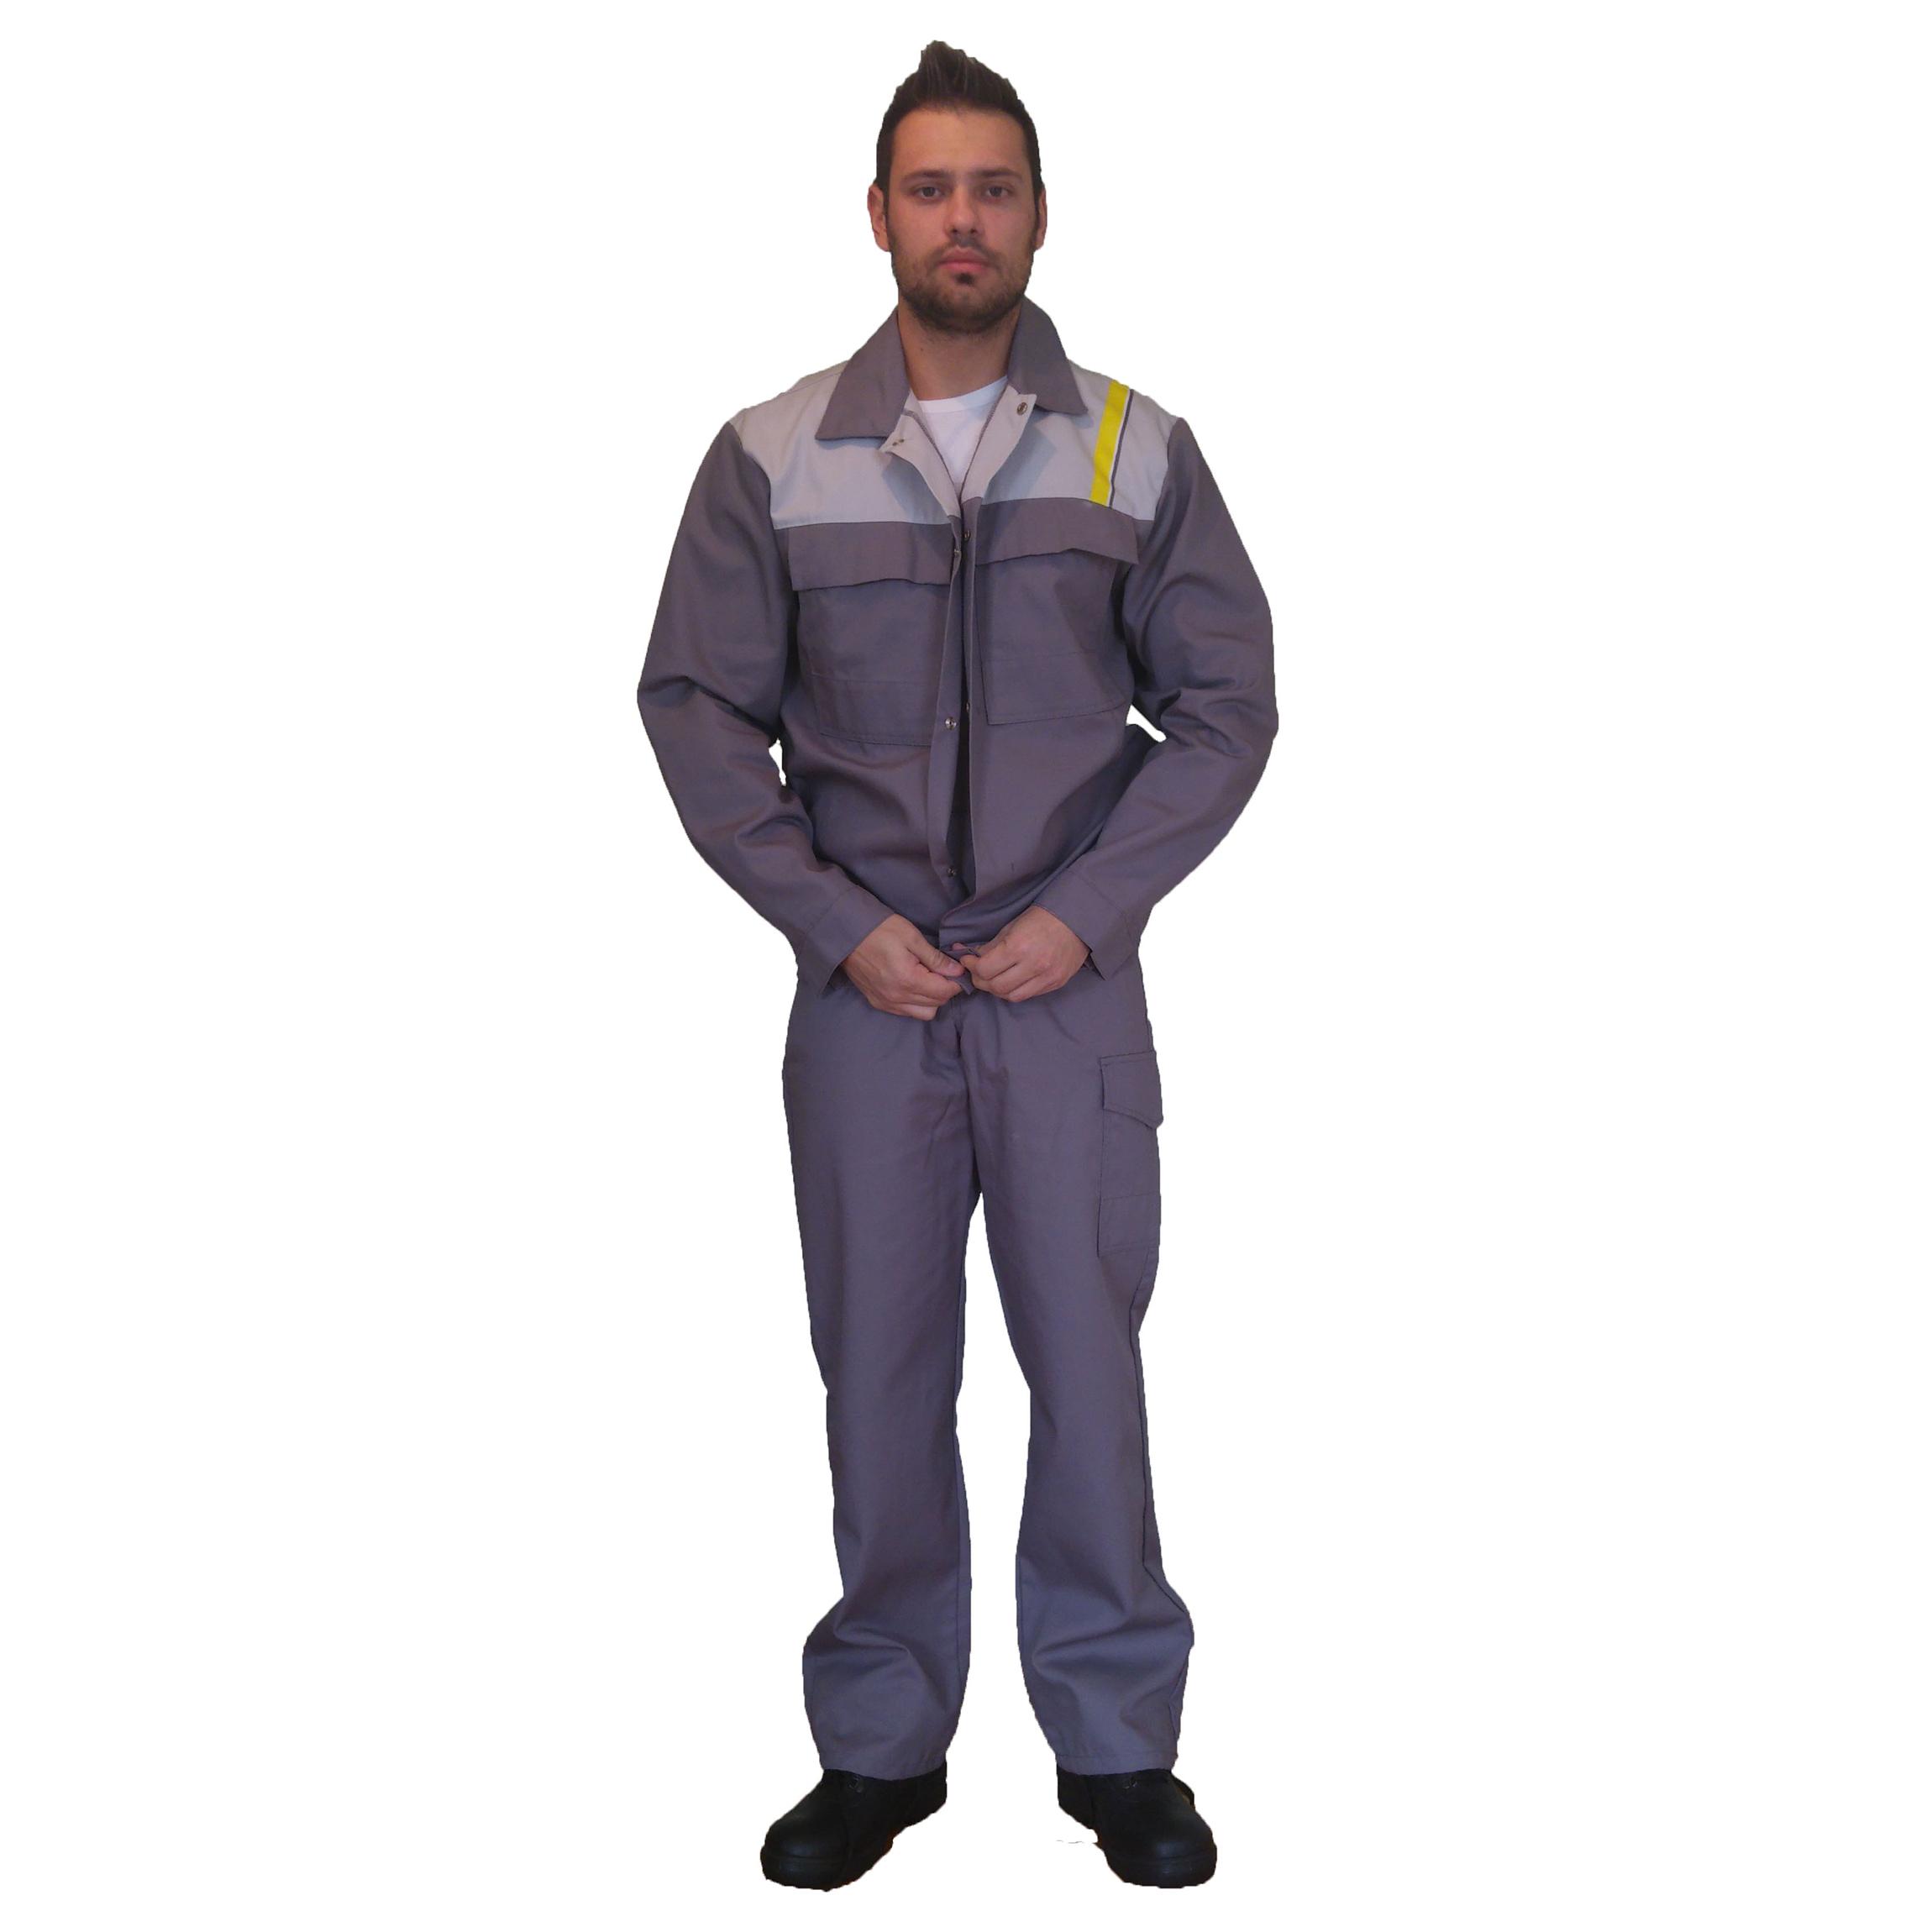 Radno odijelo Spiro